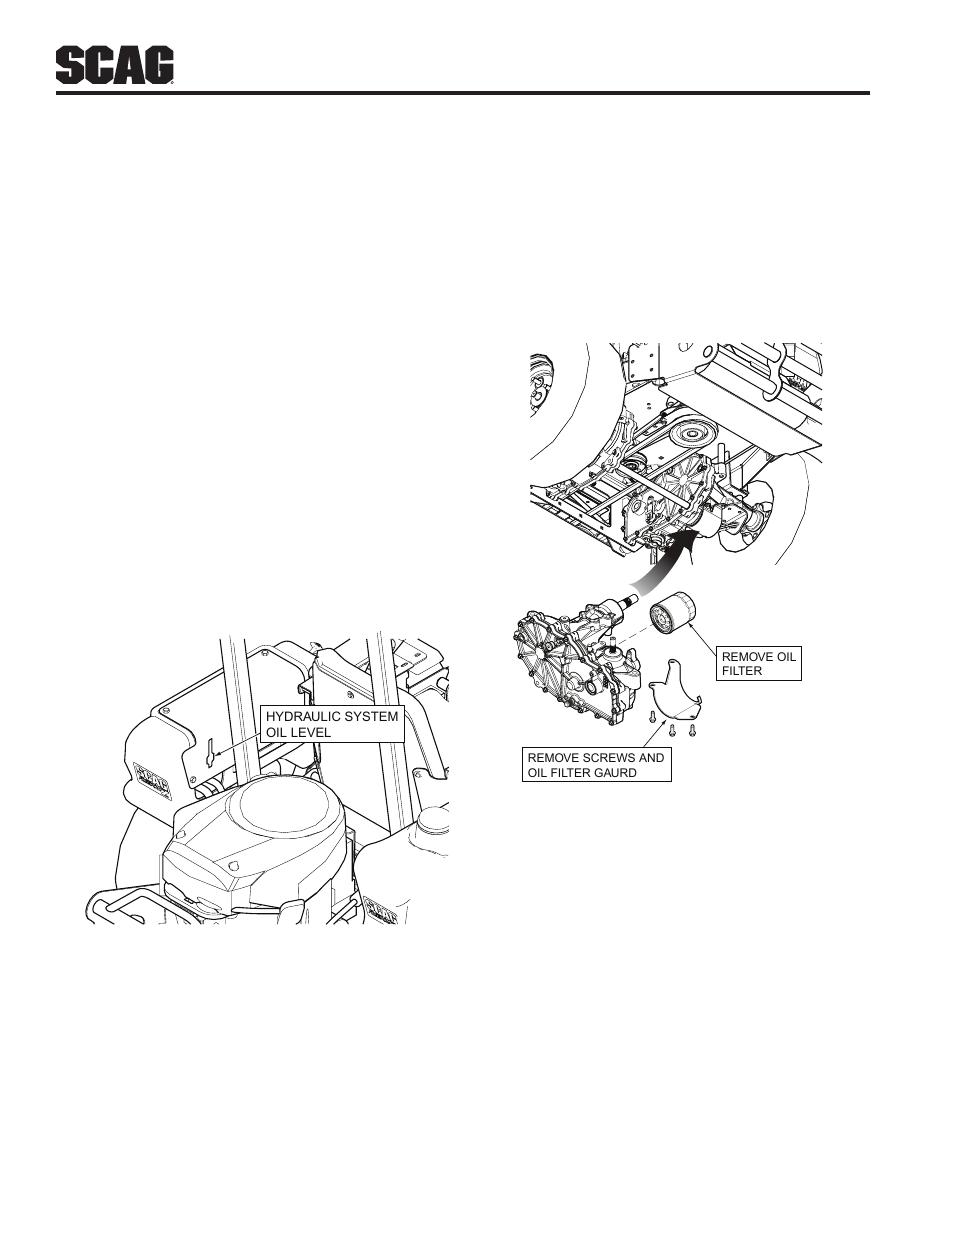 2 Hydraulic System